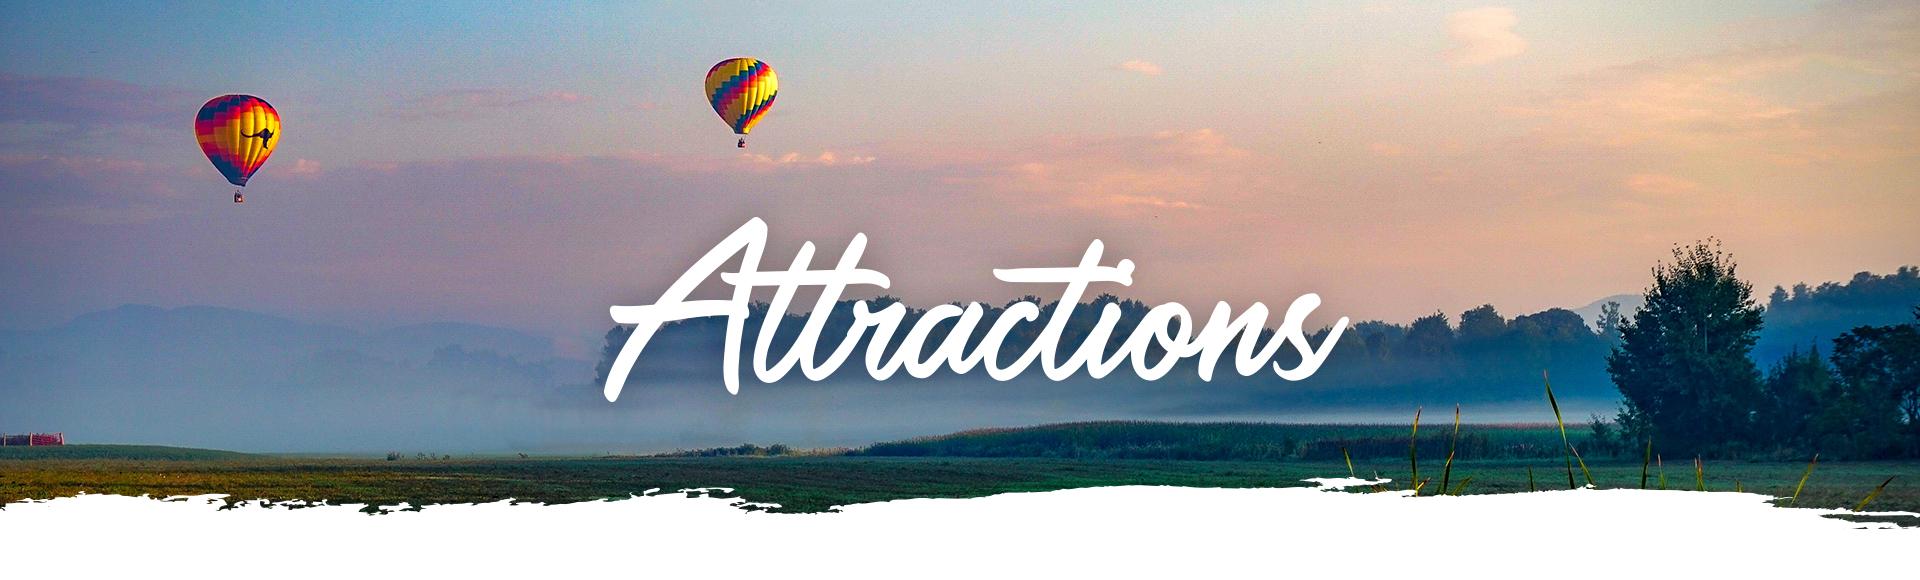 Attractions - Washington County NY